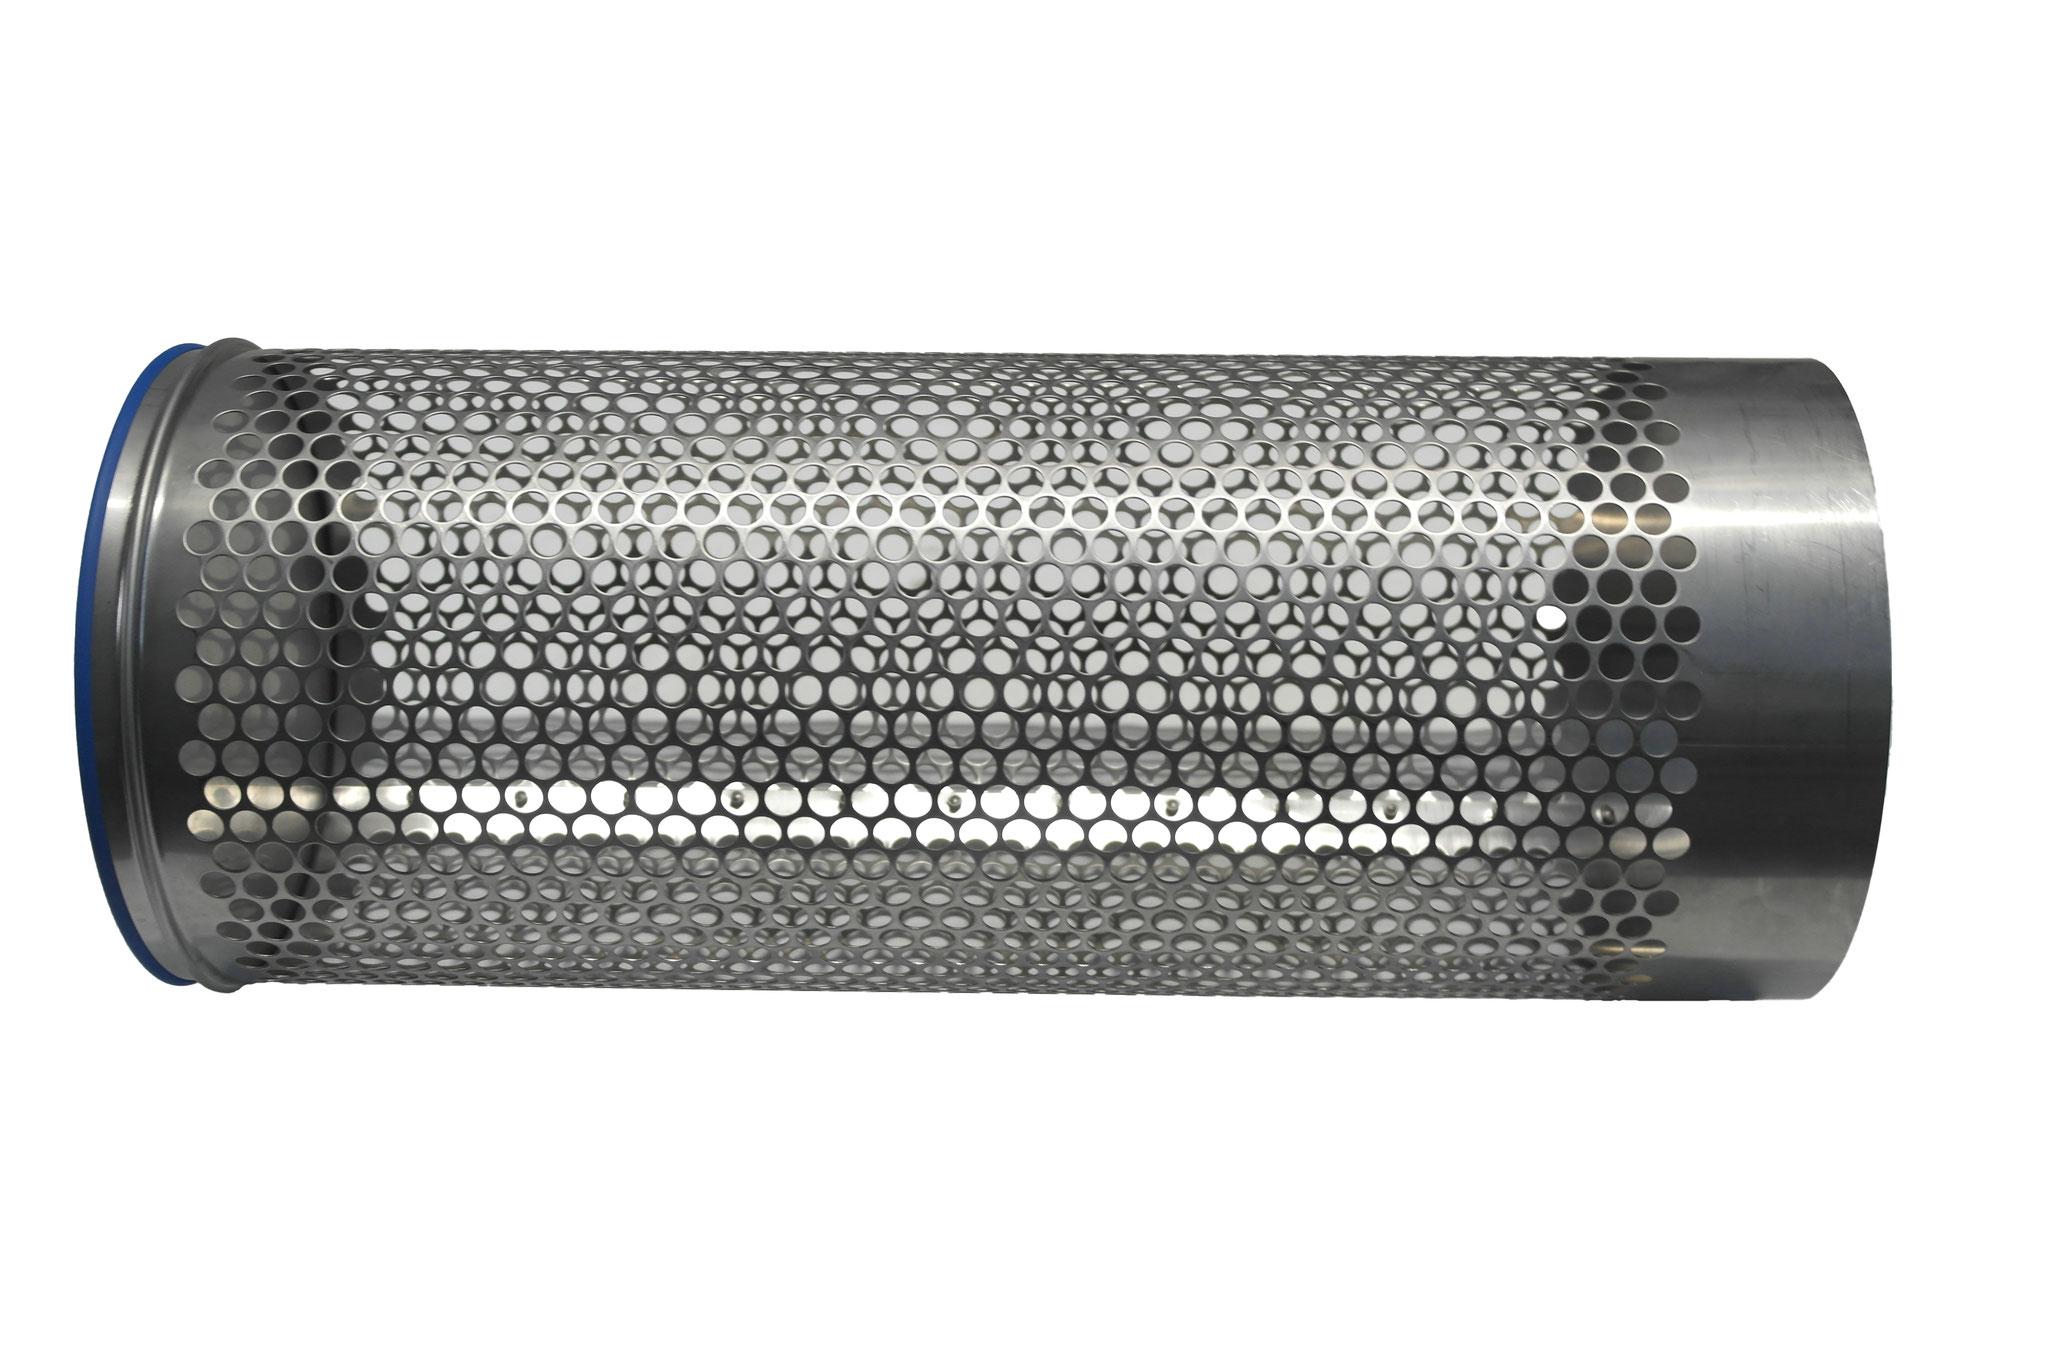 Siebrohr einseitig verschlossen für 250er KG Rohr (DN 250)